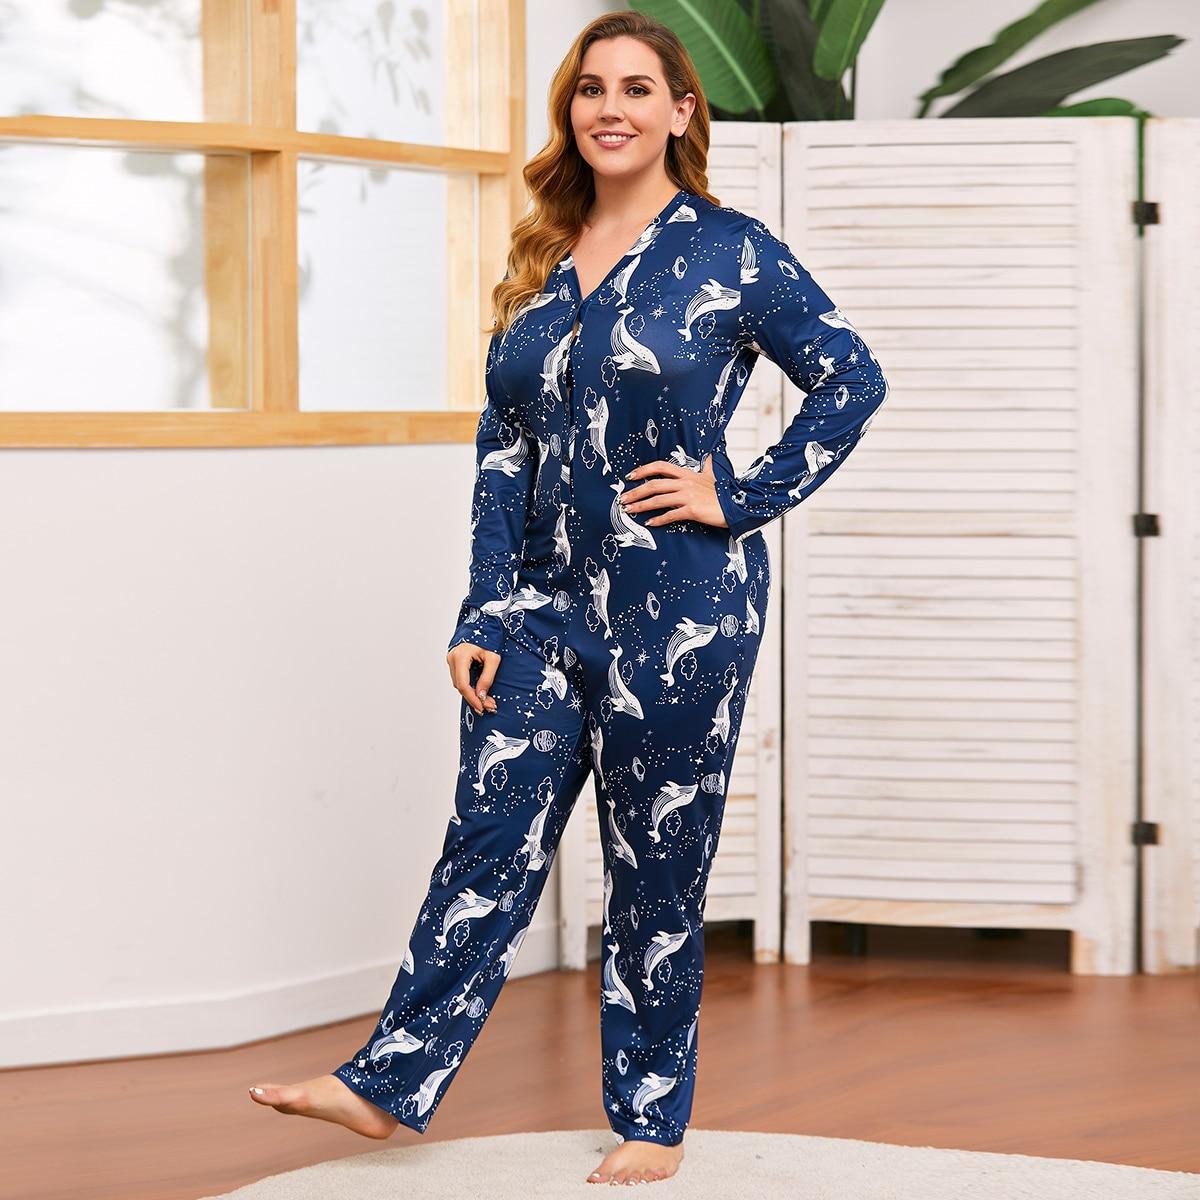 На пуговицах мультяшный принт милый пижамный комбинезон размера плюс